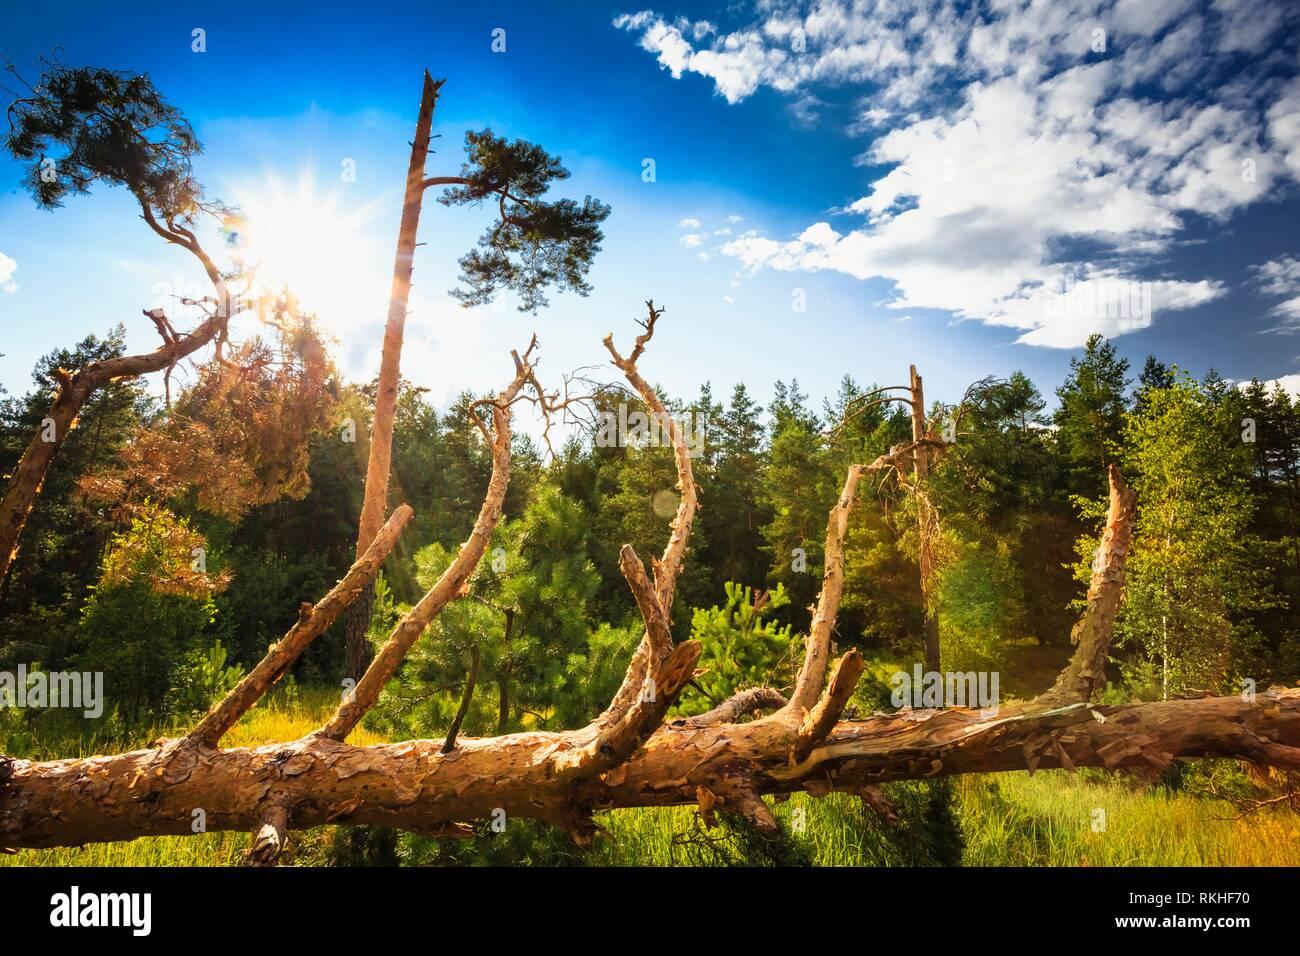 Manna nella foresta. Danni provocati dalla tempesta. Gli alberi caduti nella foresta di conifere dopo il forte vento uragano in Russia. Foto Stock